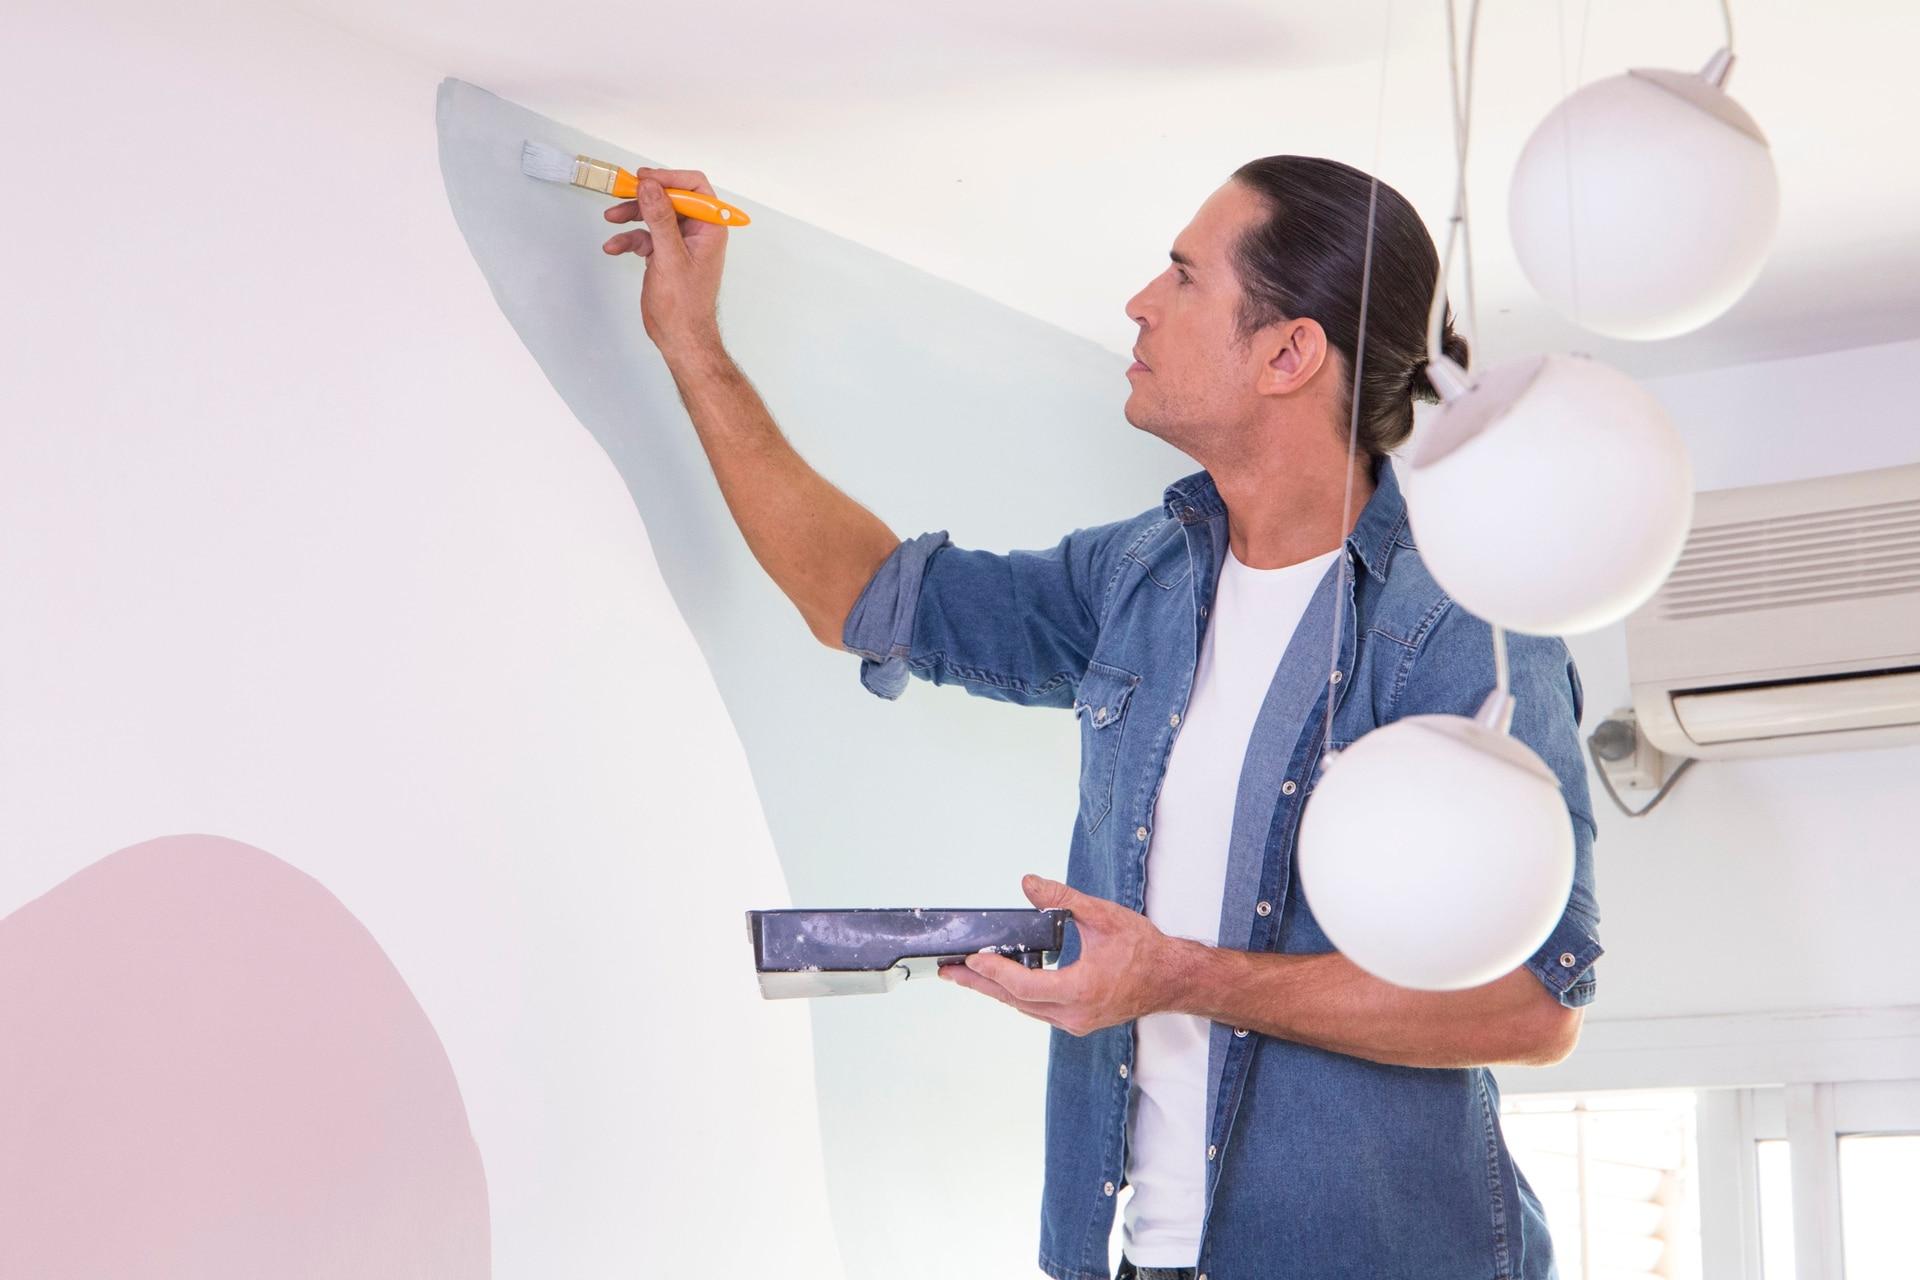 Diego Ramos conduce Todo se transforma por Discovery Home & Health, una propuesta novedosa en su carrera